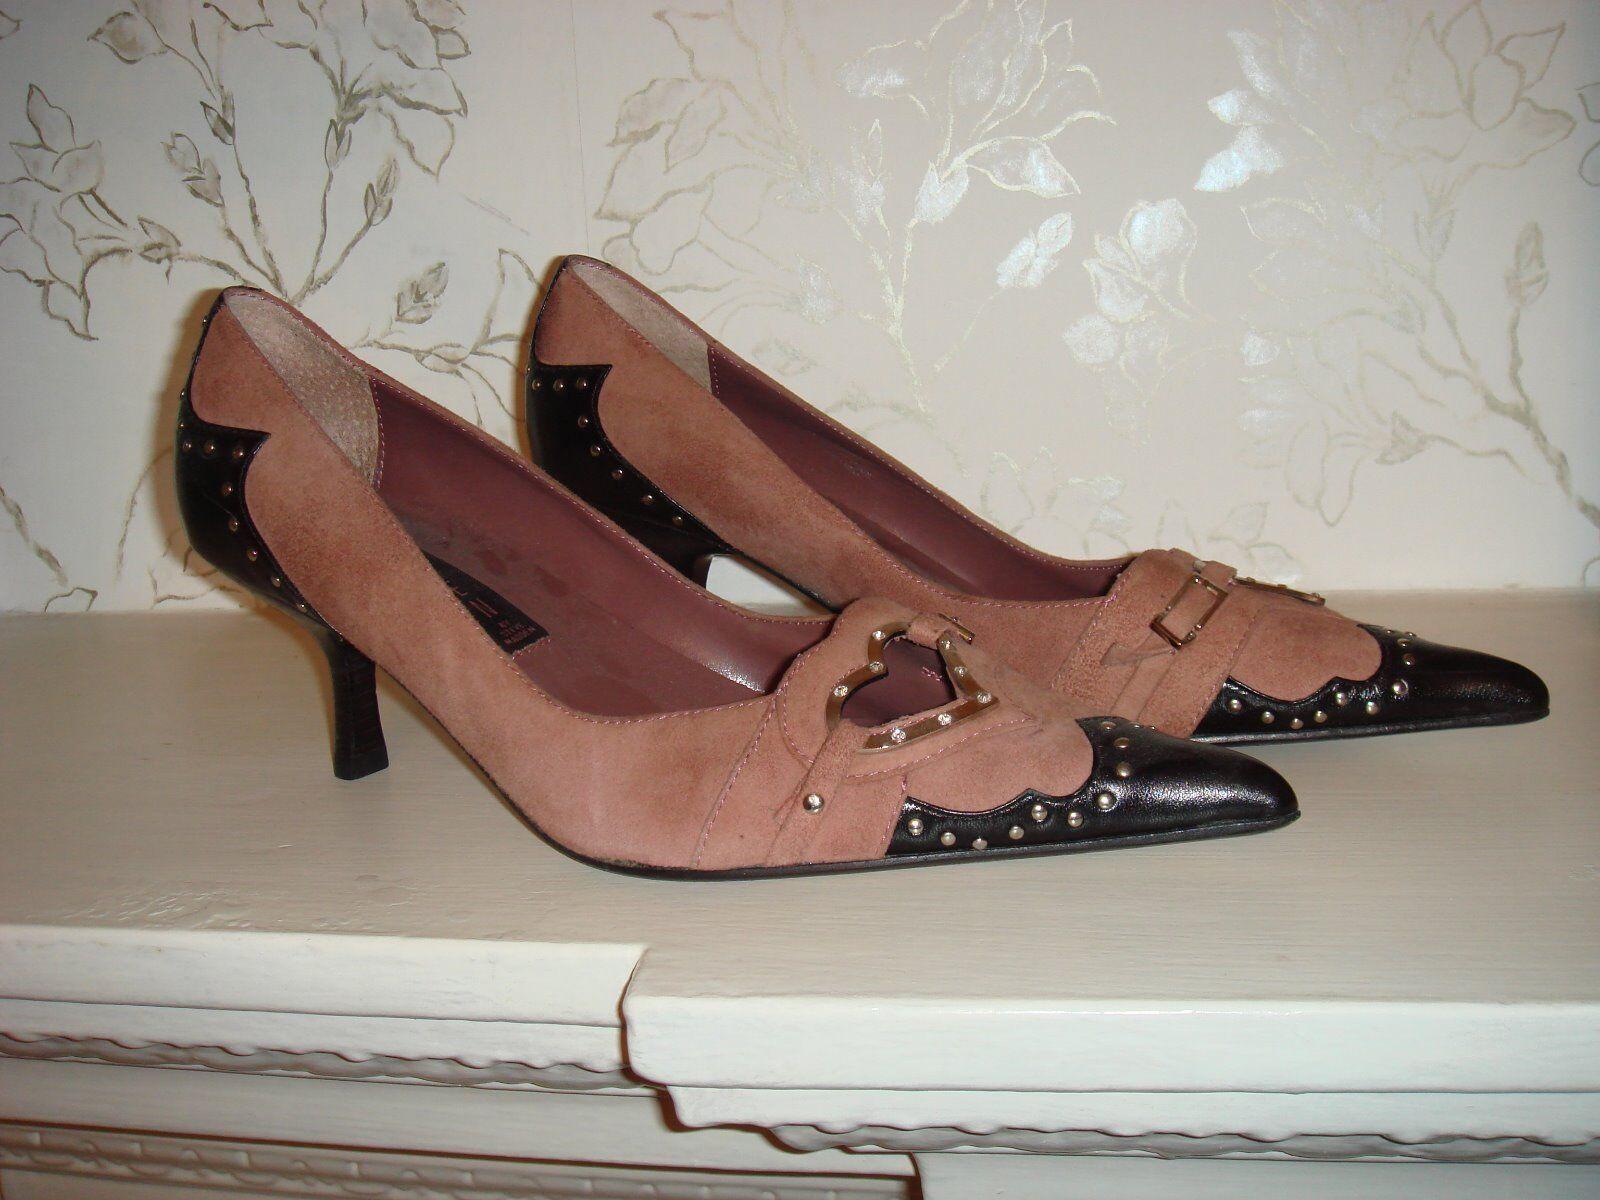 Zapatos De Cuero Steve Madden Steven rosado Suede Negro Negro Negro Corazón Diseño de nosotros tamaño 7 medio  diseñador en linea